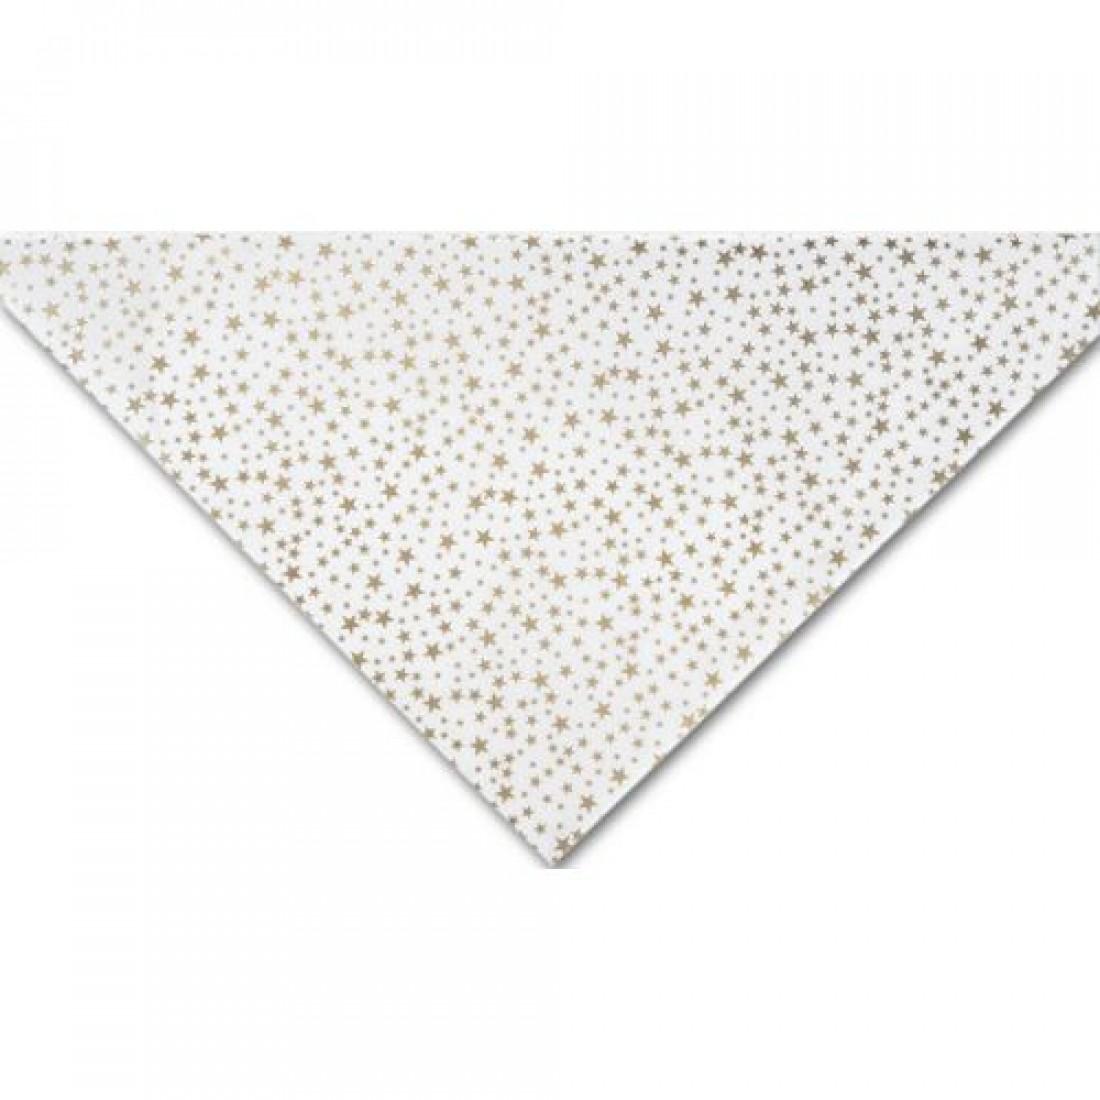 Gold Stars Tissue 20x30